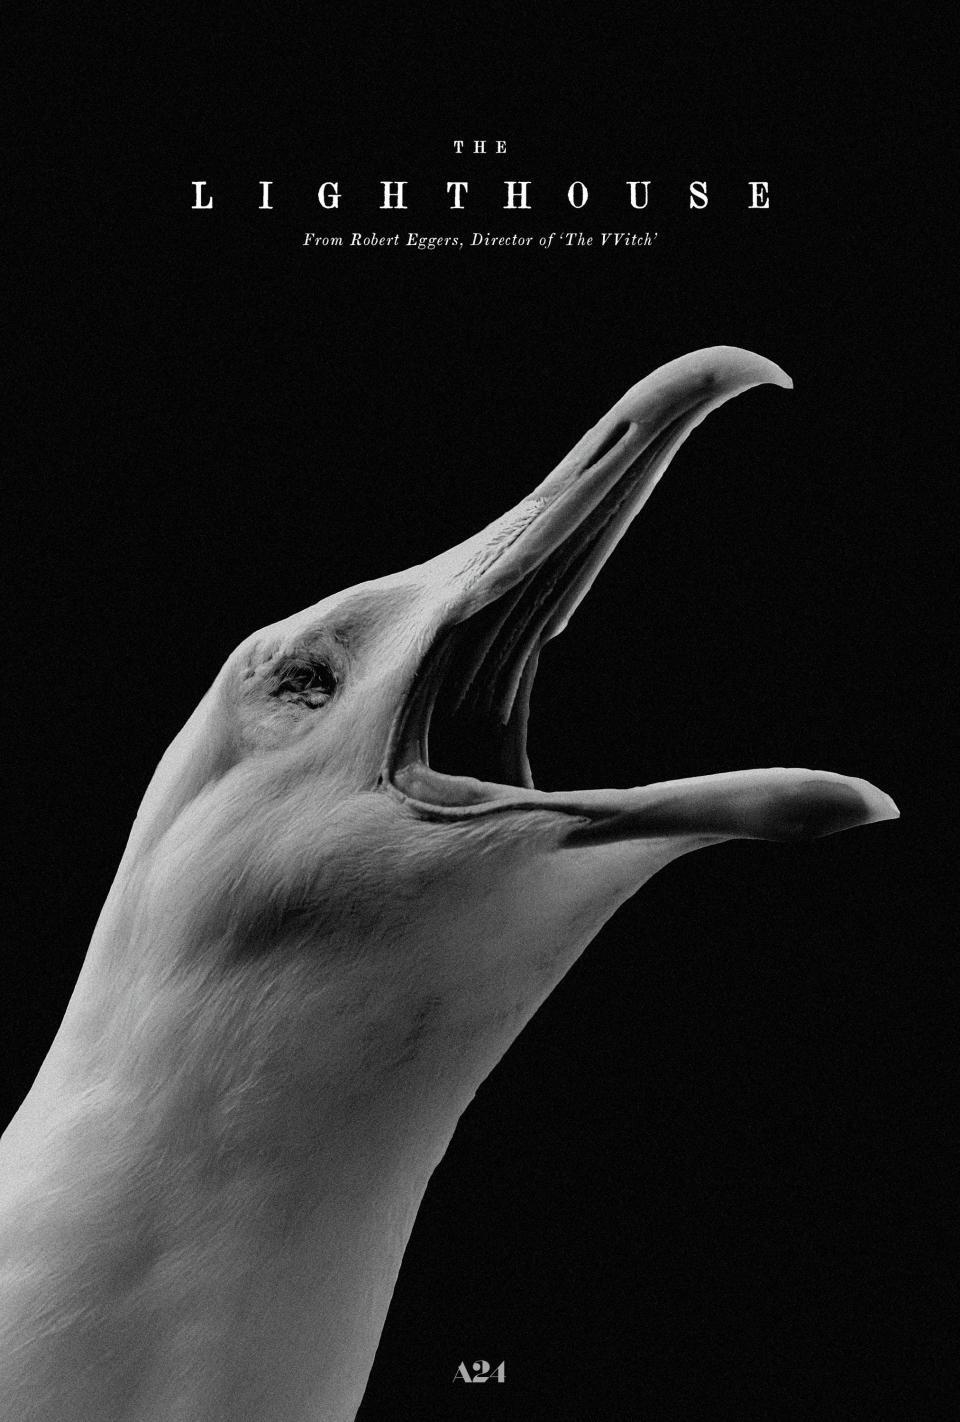 Neues Filmposter zum Schwarz-weiss Horrorfilm